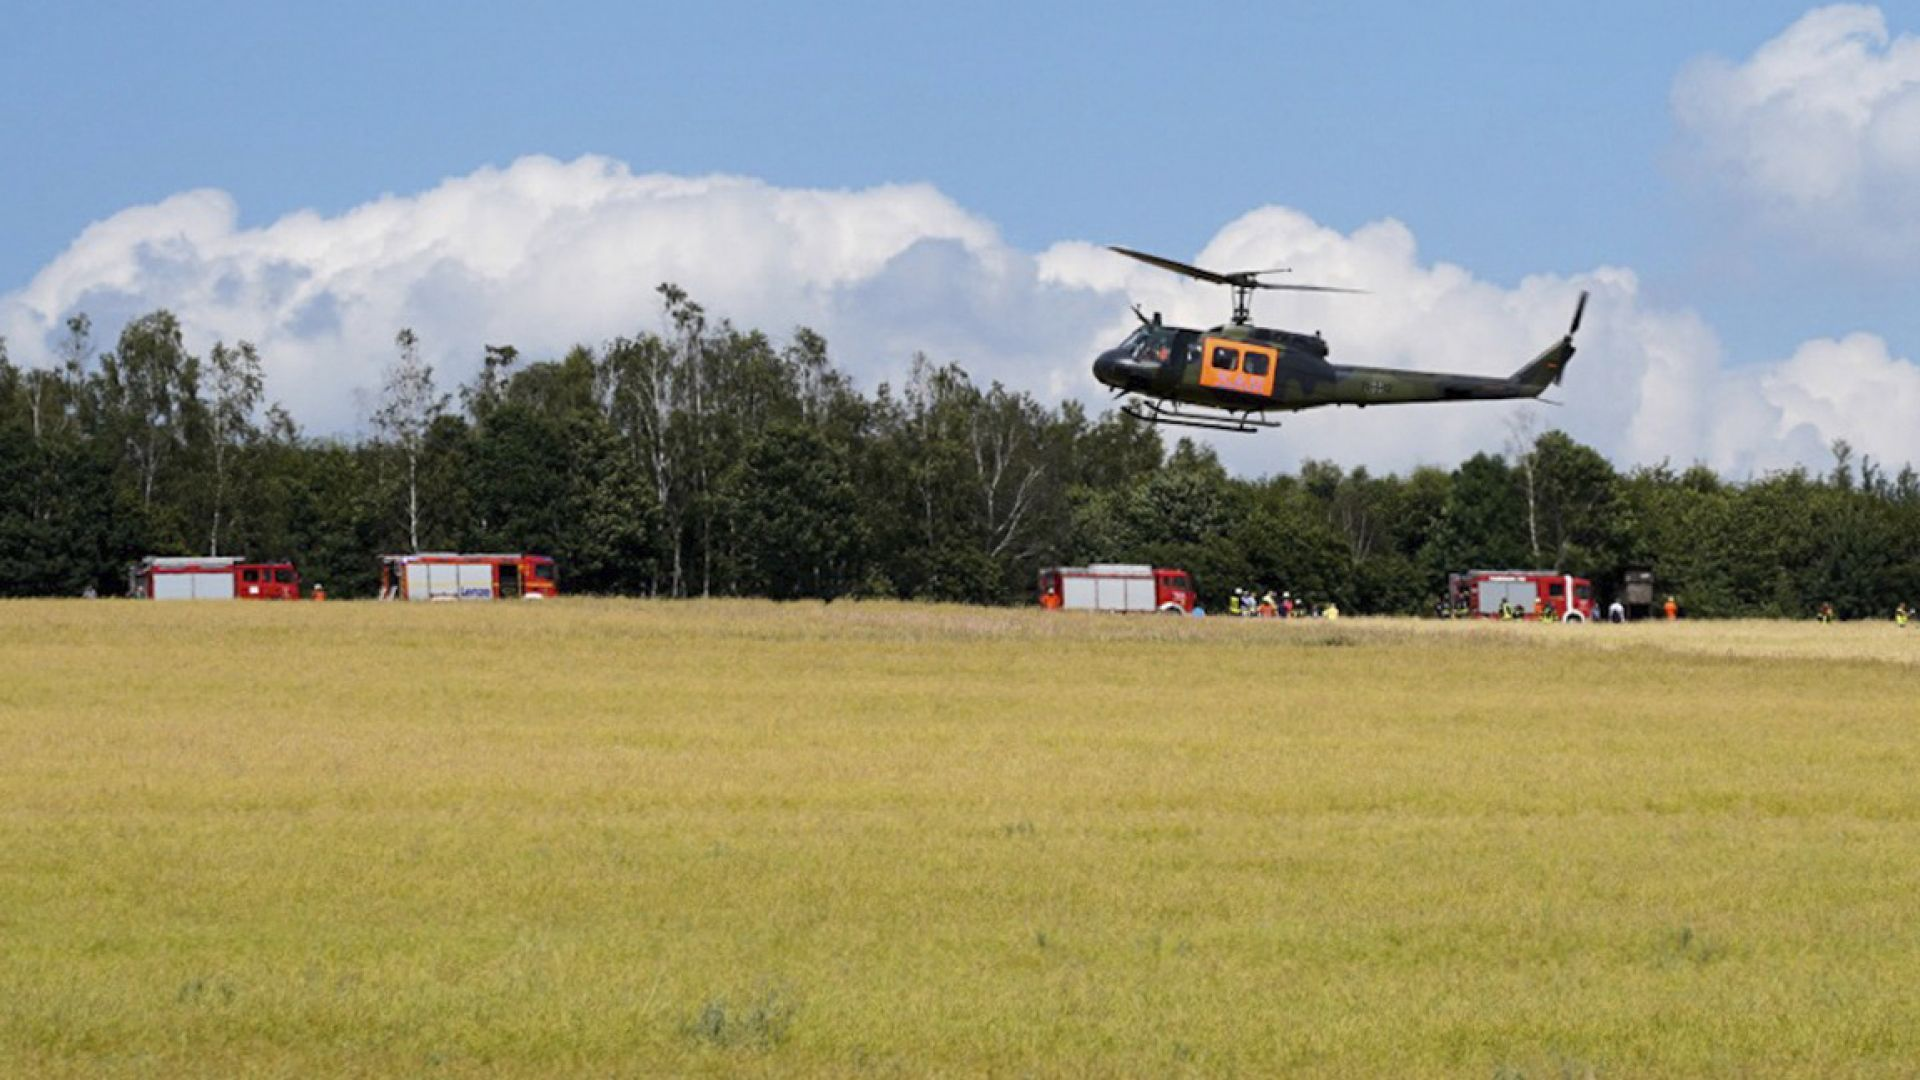 Жена пилот загина при падане на военен хеликоптер в Германия